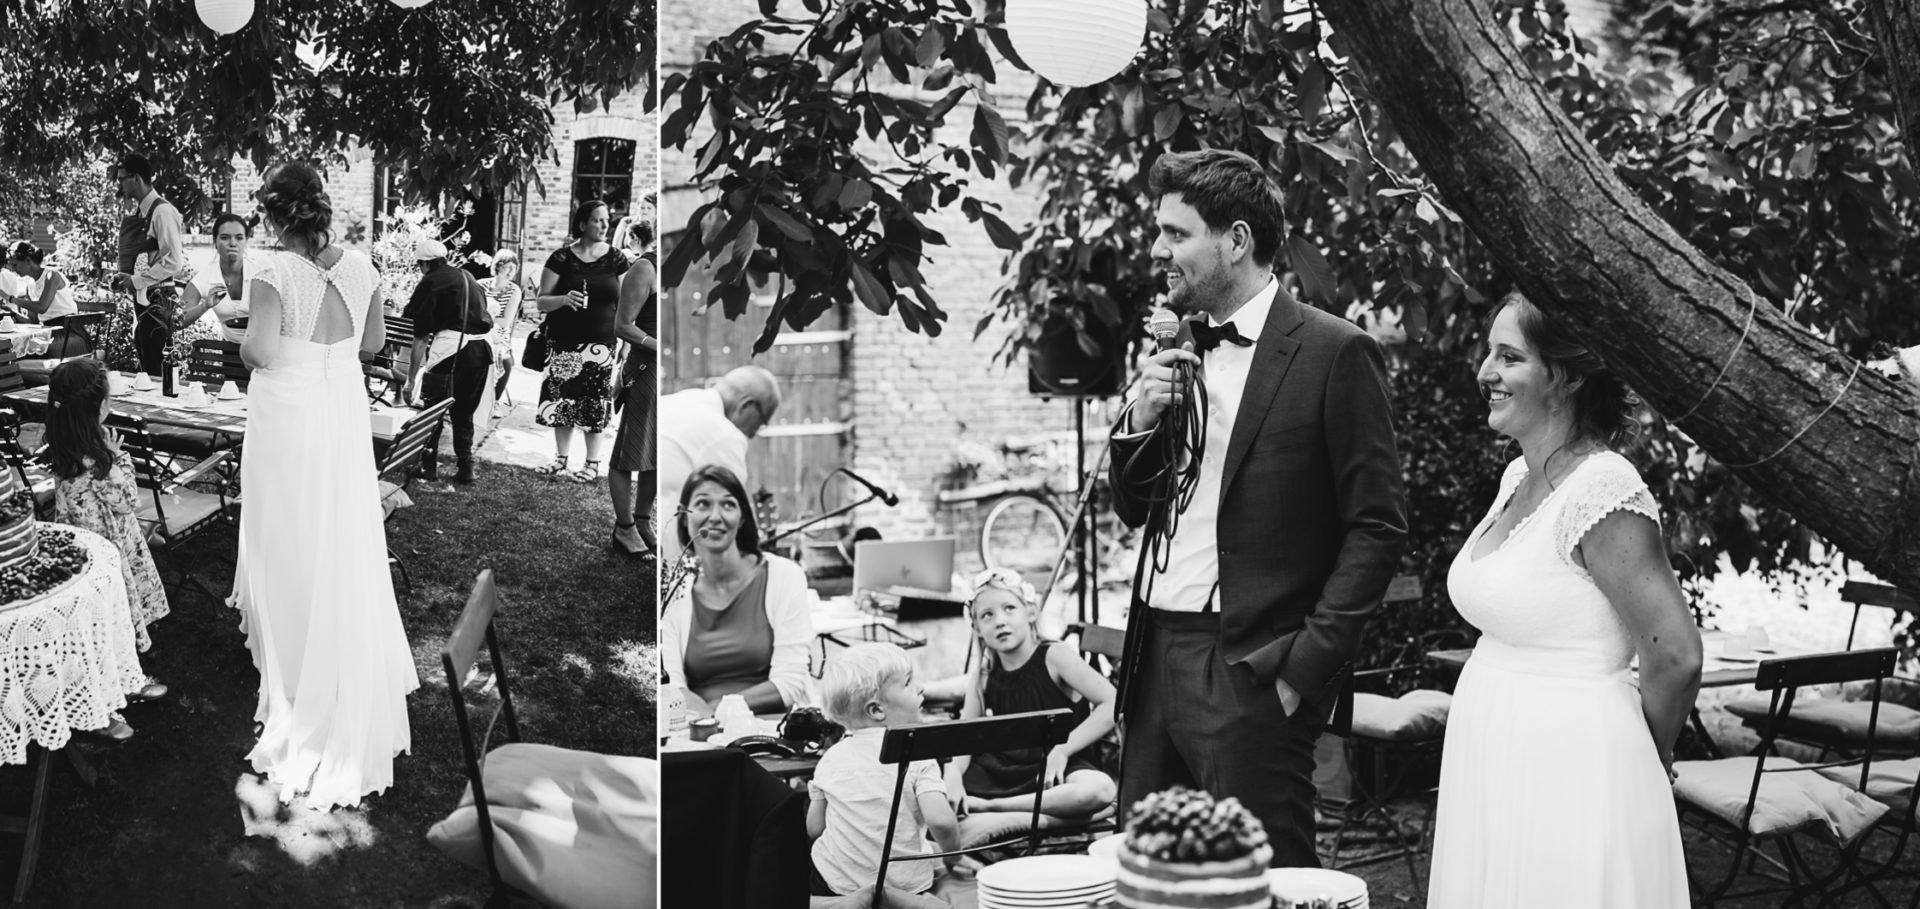 50mmfreunde Berlin Hochzeit 055 quer 1920x909 - Sommerhochzeit in dem Vierseithofcafé im Berliner Umland